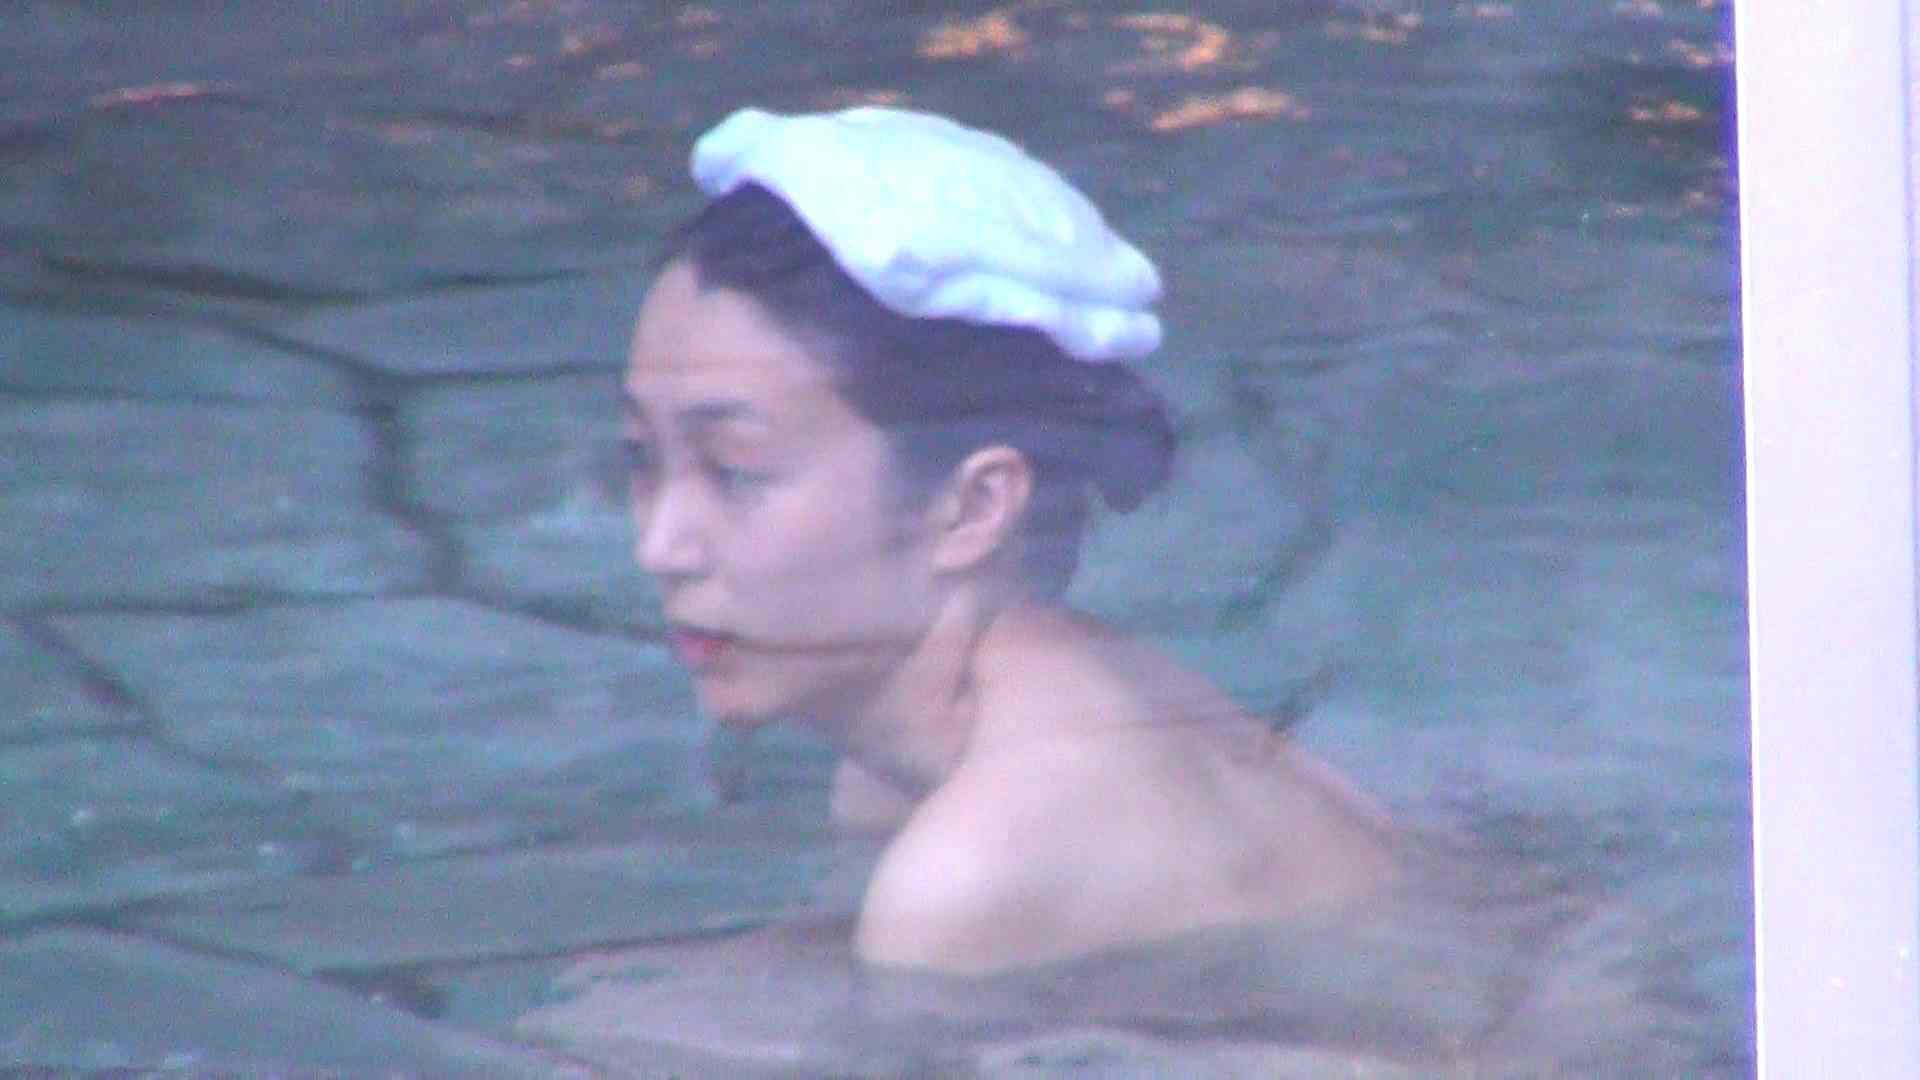 Aquaな露天風呂Vol.290 盗撮 | 露天  104pic 26